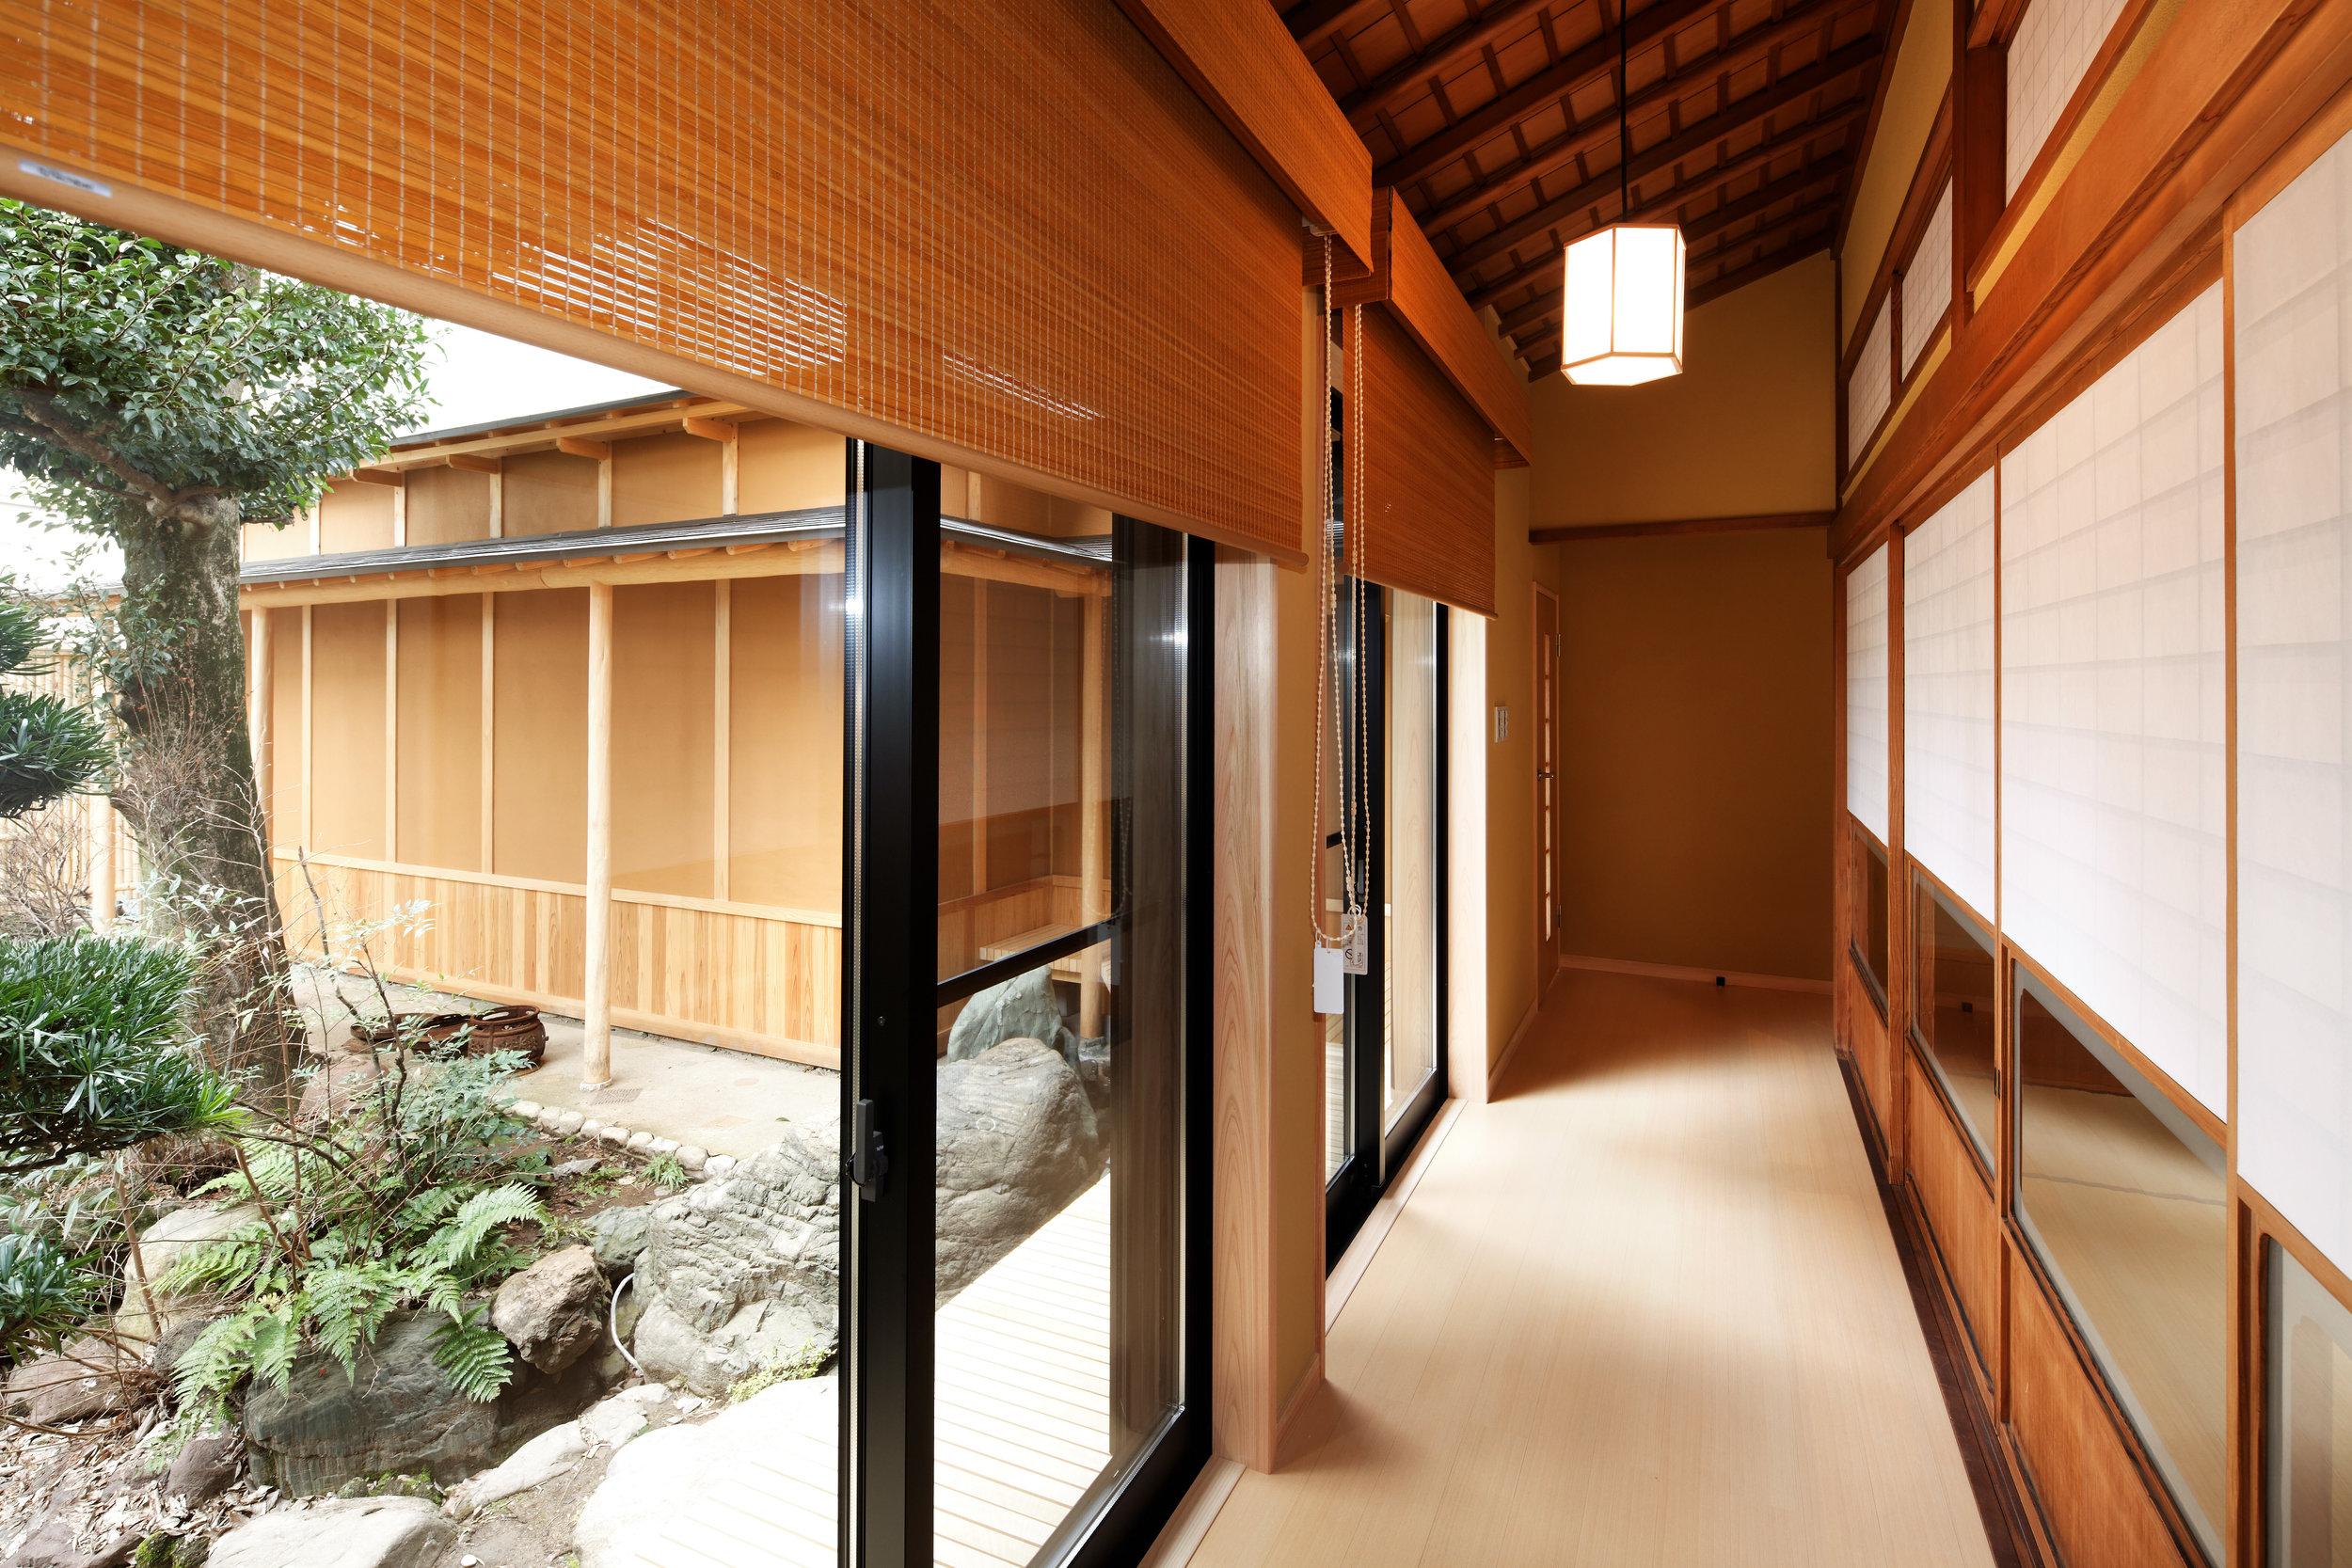 成正建装 愛知県 犬山市 新築 リフォーム 古民家再生 家づくり15.jpg